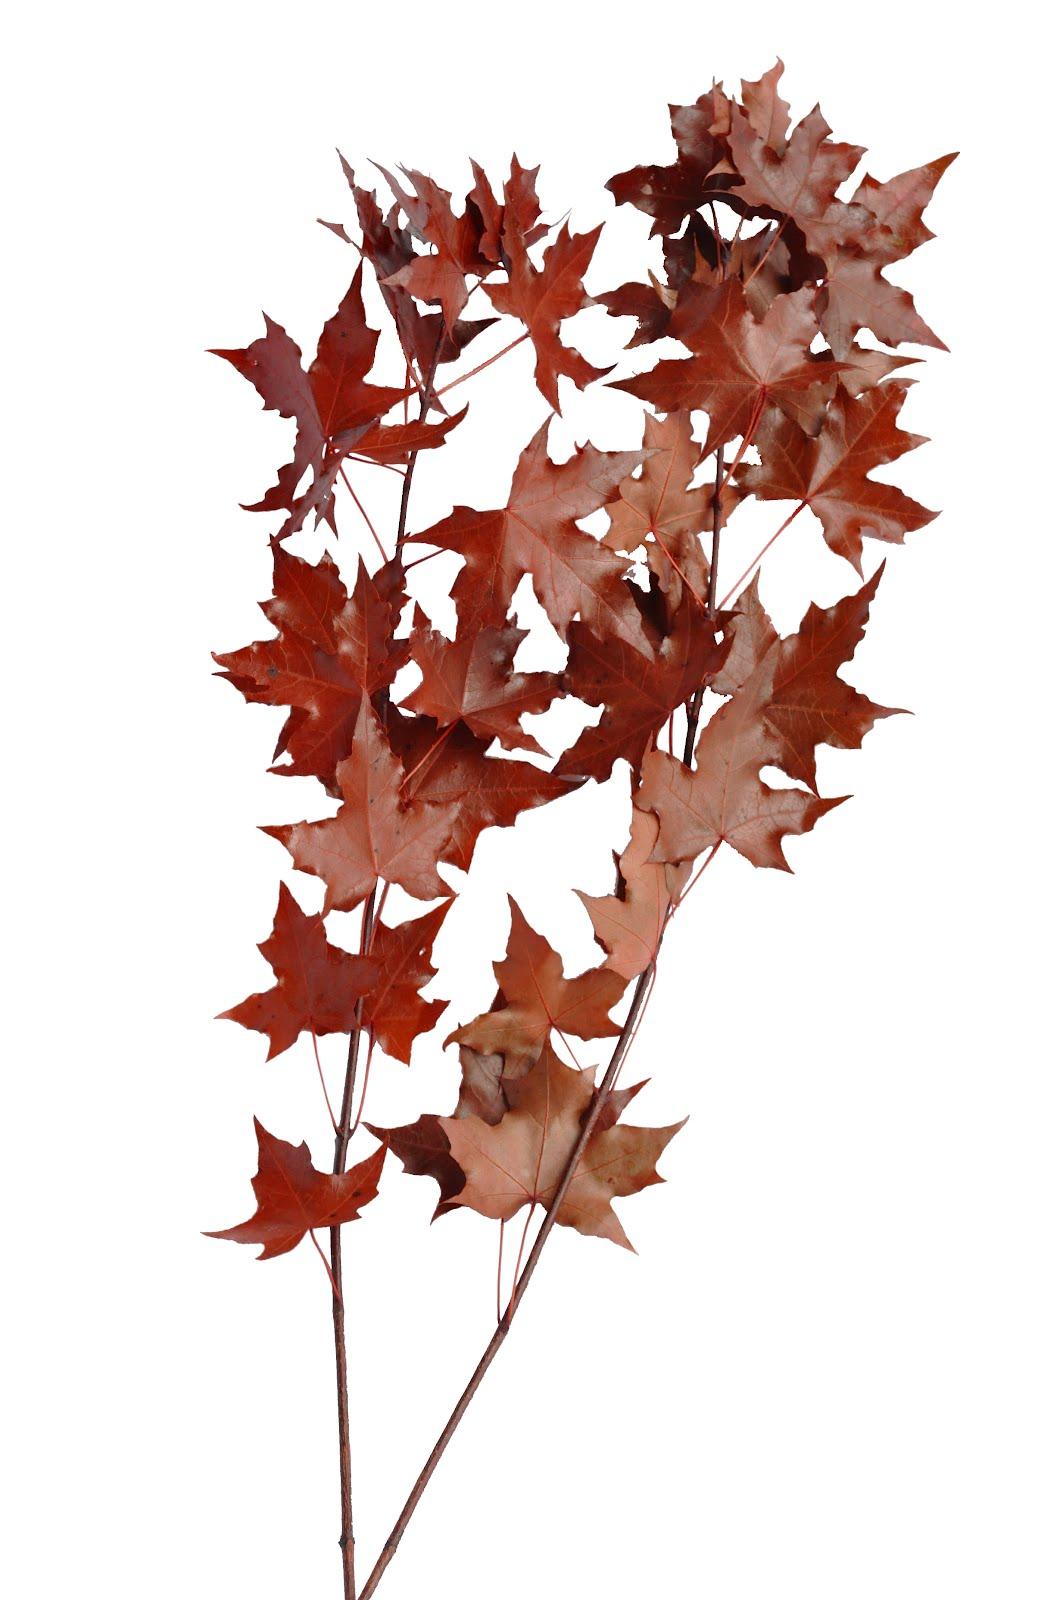 東波水月花坊: AB11008 不凋花葉材 紅楓葉